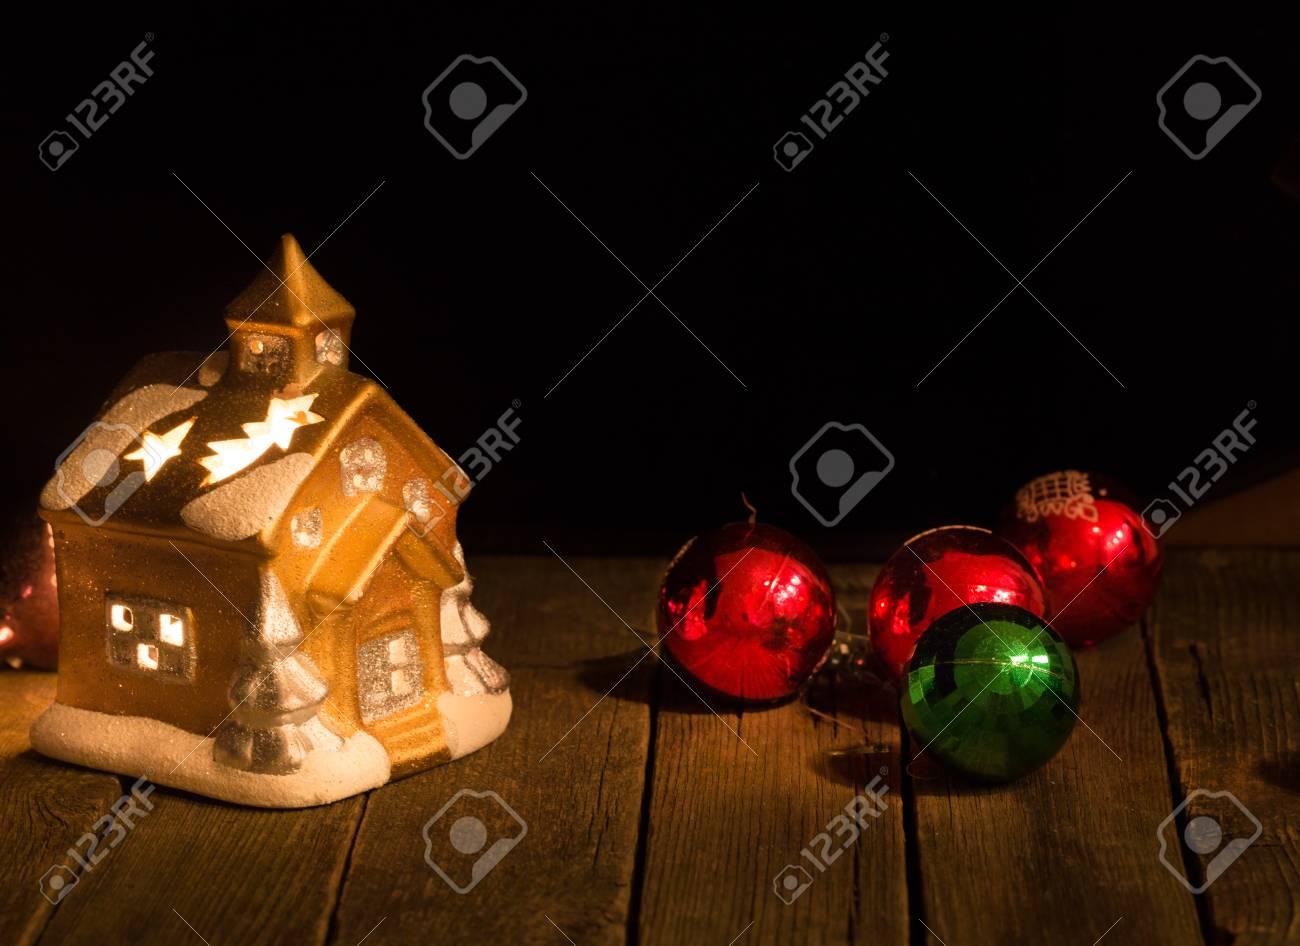 Weihnachtsschmuck Vor Einem Dunklen Hintergrund. Eine Spielzeughütte ...